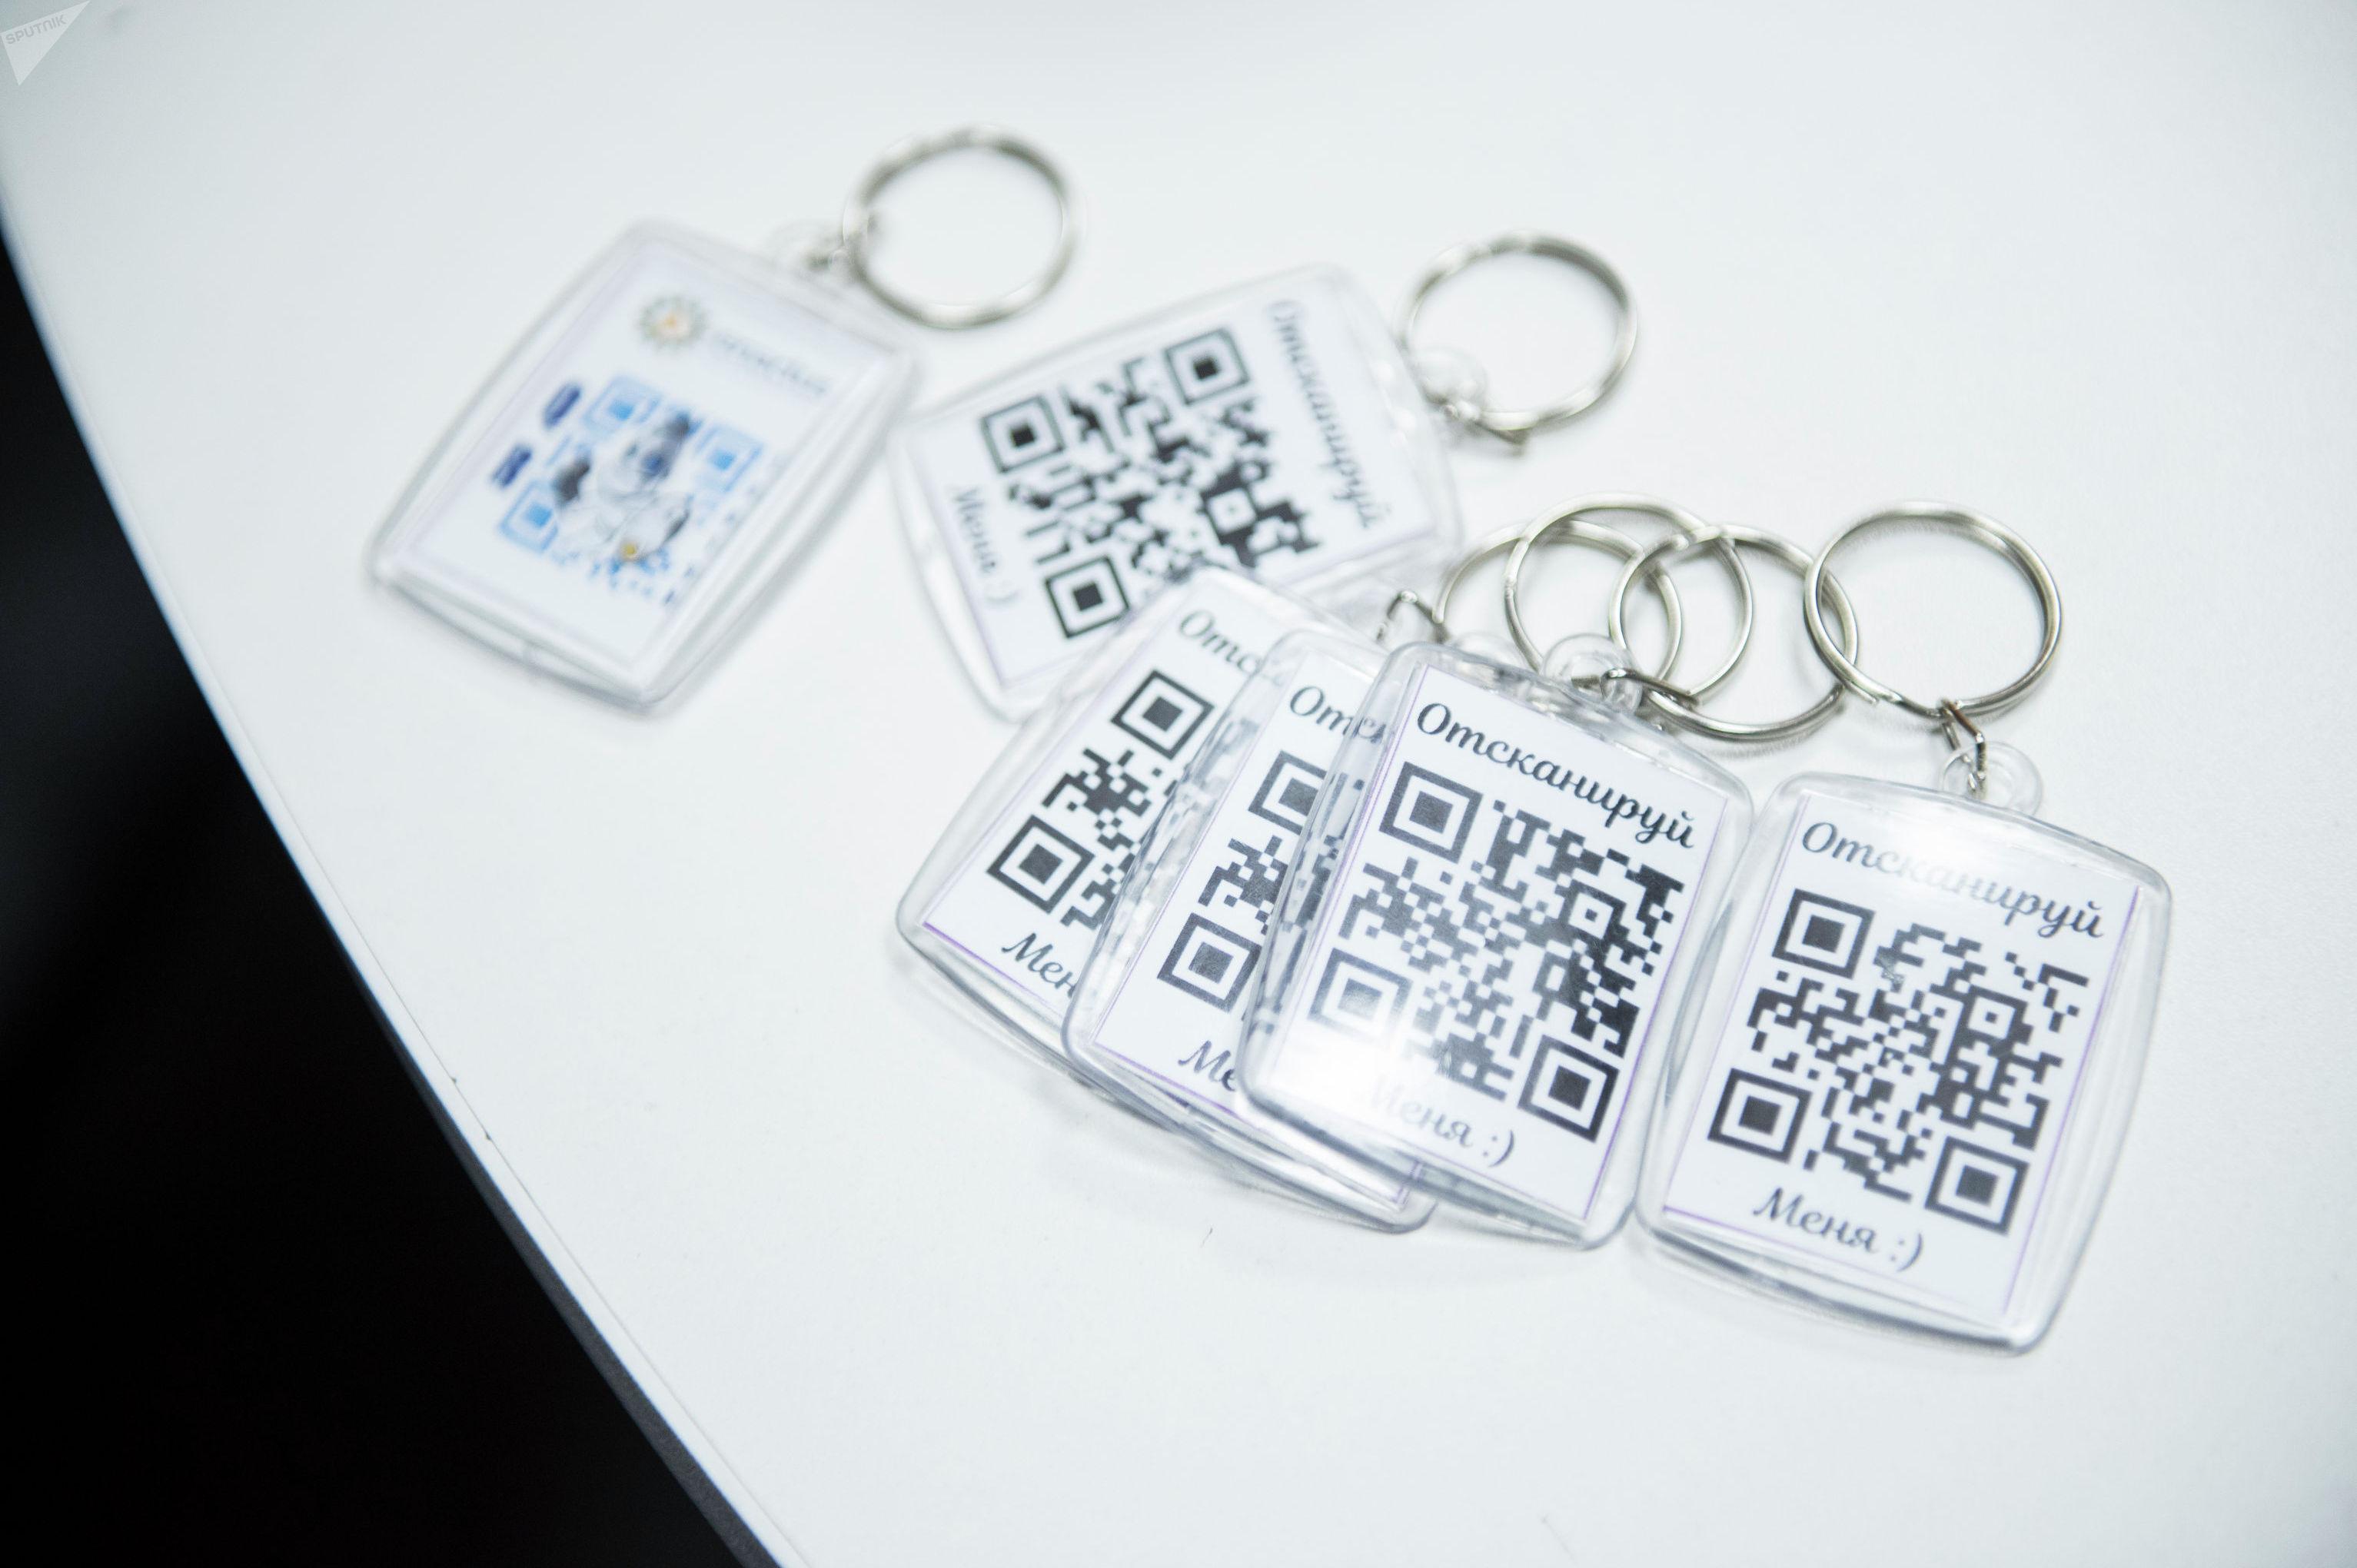 Брелоки для идентификации детей и людей с ОВЗ изготовленные студентами Кыргызского государственного технического университета